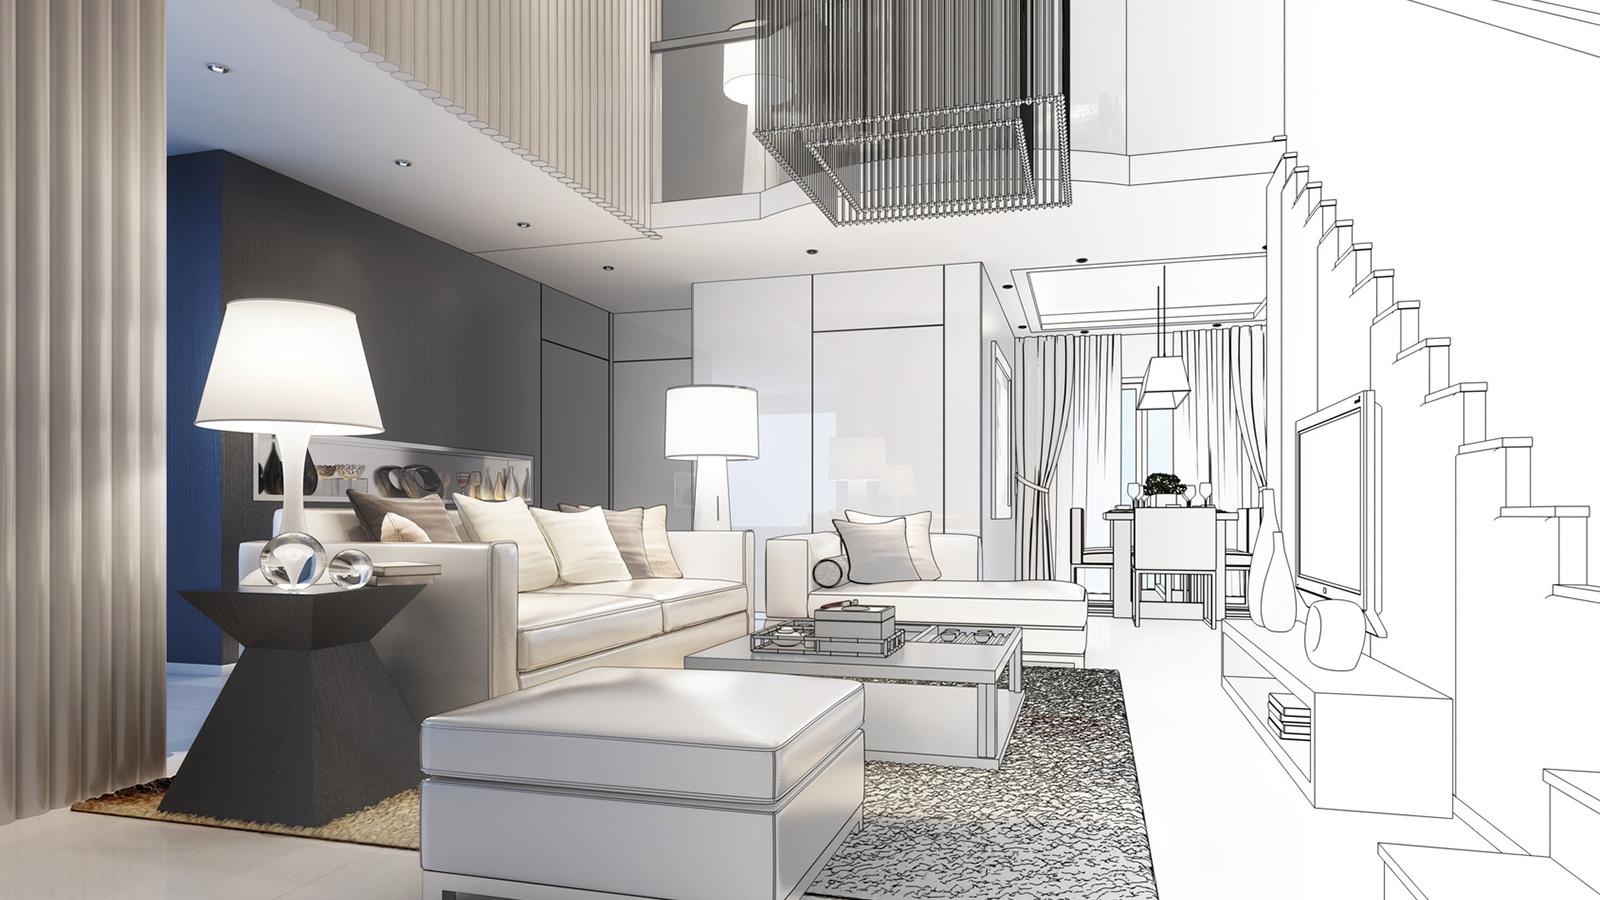 progettazione ristrutturazione appartamento castronno varese como milano